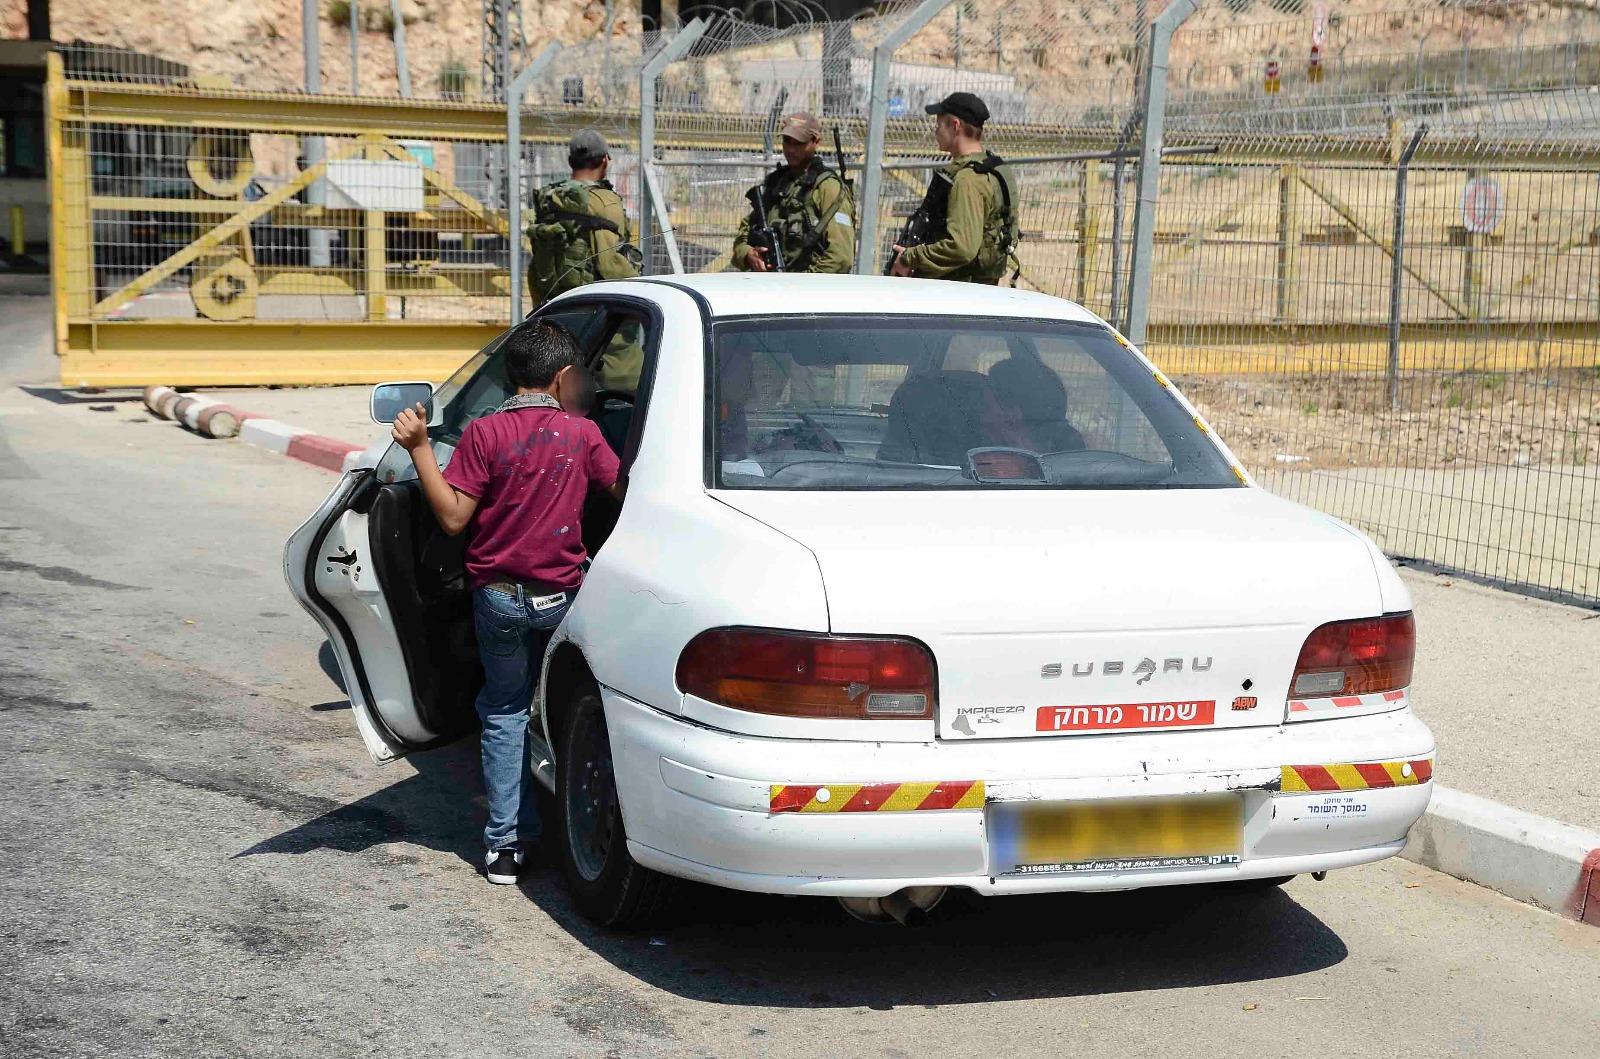 סגירת מעגל מרגשת: הניצולים מהכפר הערבי נכנסו למוסדות תורניים